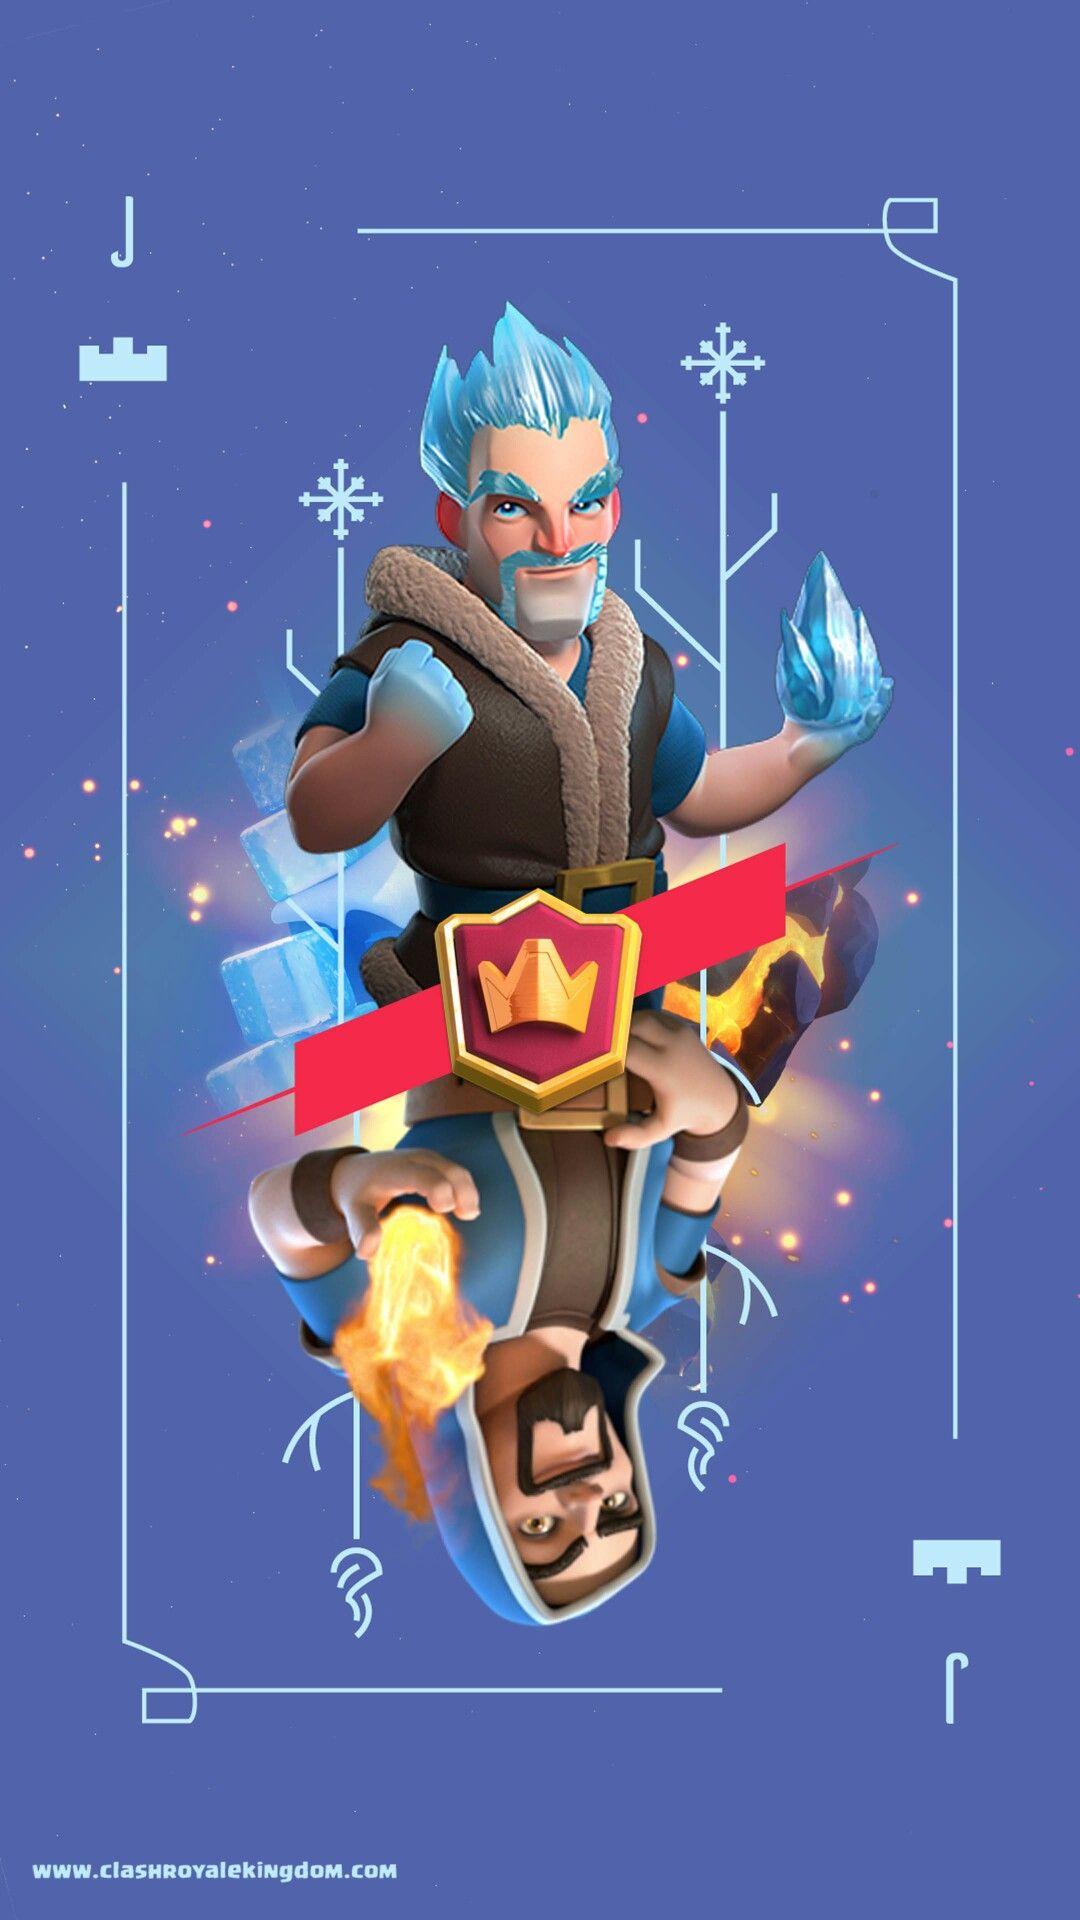 Ice Vs Fire Fondos De Pantalla De Juegos Clash Royale Dibujos Clash Royal Cartas